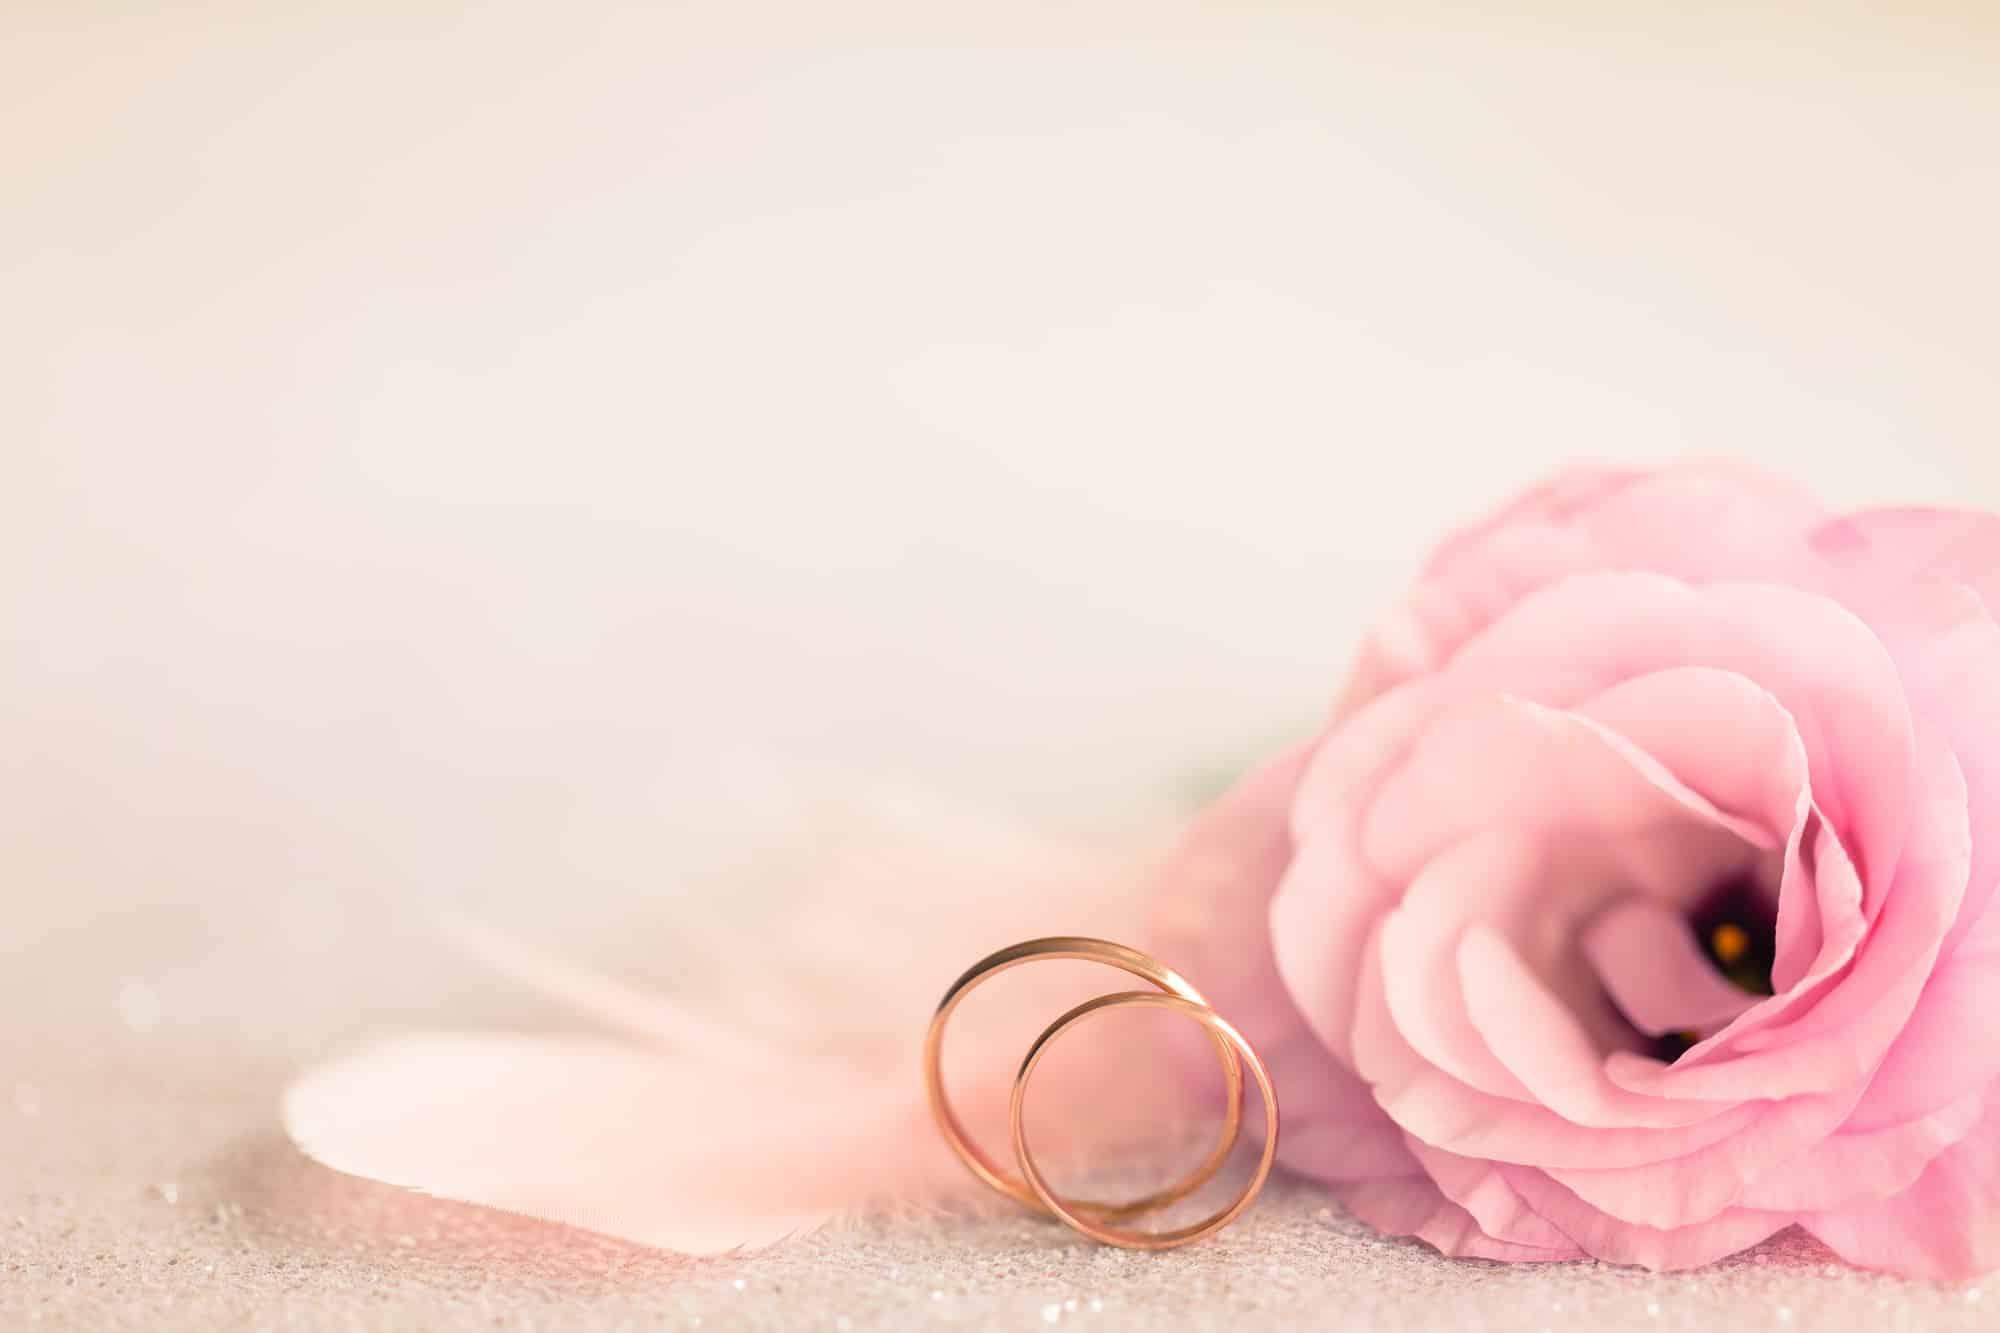 Hochzeits Wunsche Hochzeitsspruche Spruche Zur Hochzeit